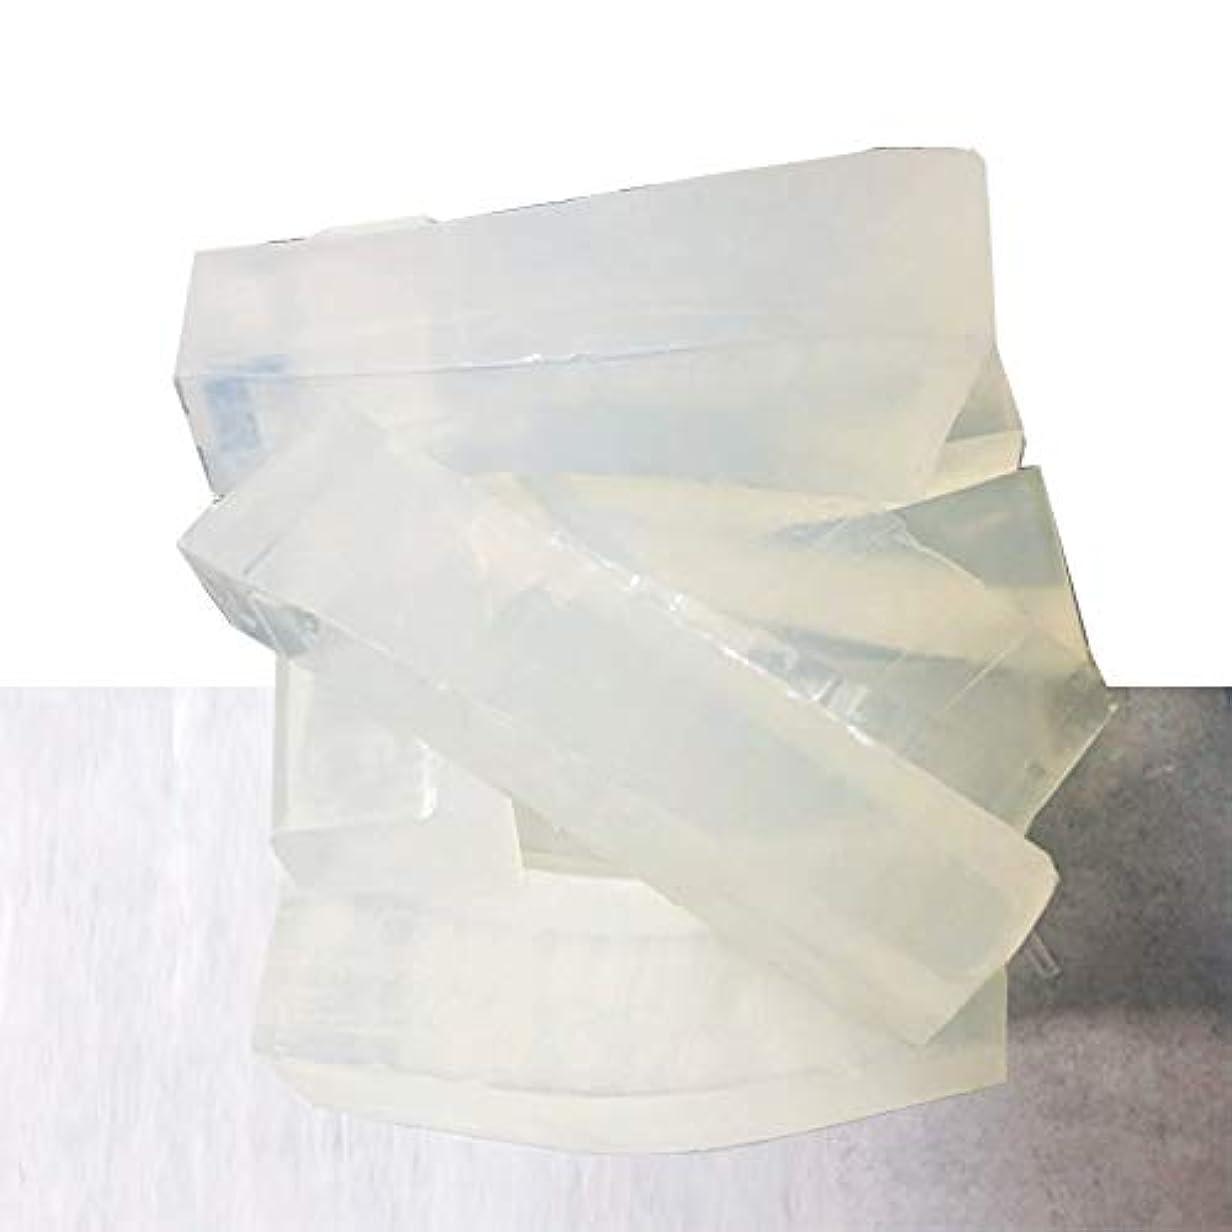 はがきキャリア凍るグリセリンソープ(MPソープ)2kg(2,000g)クリア